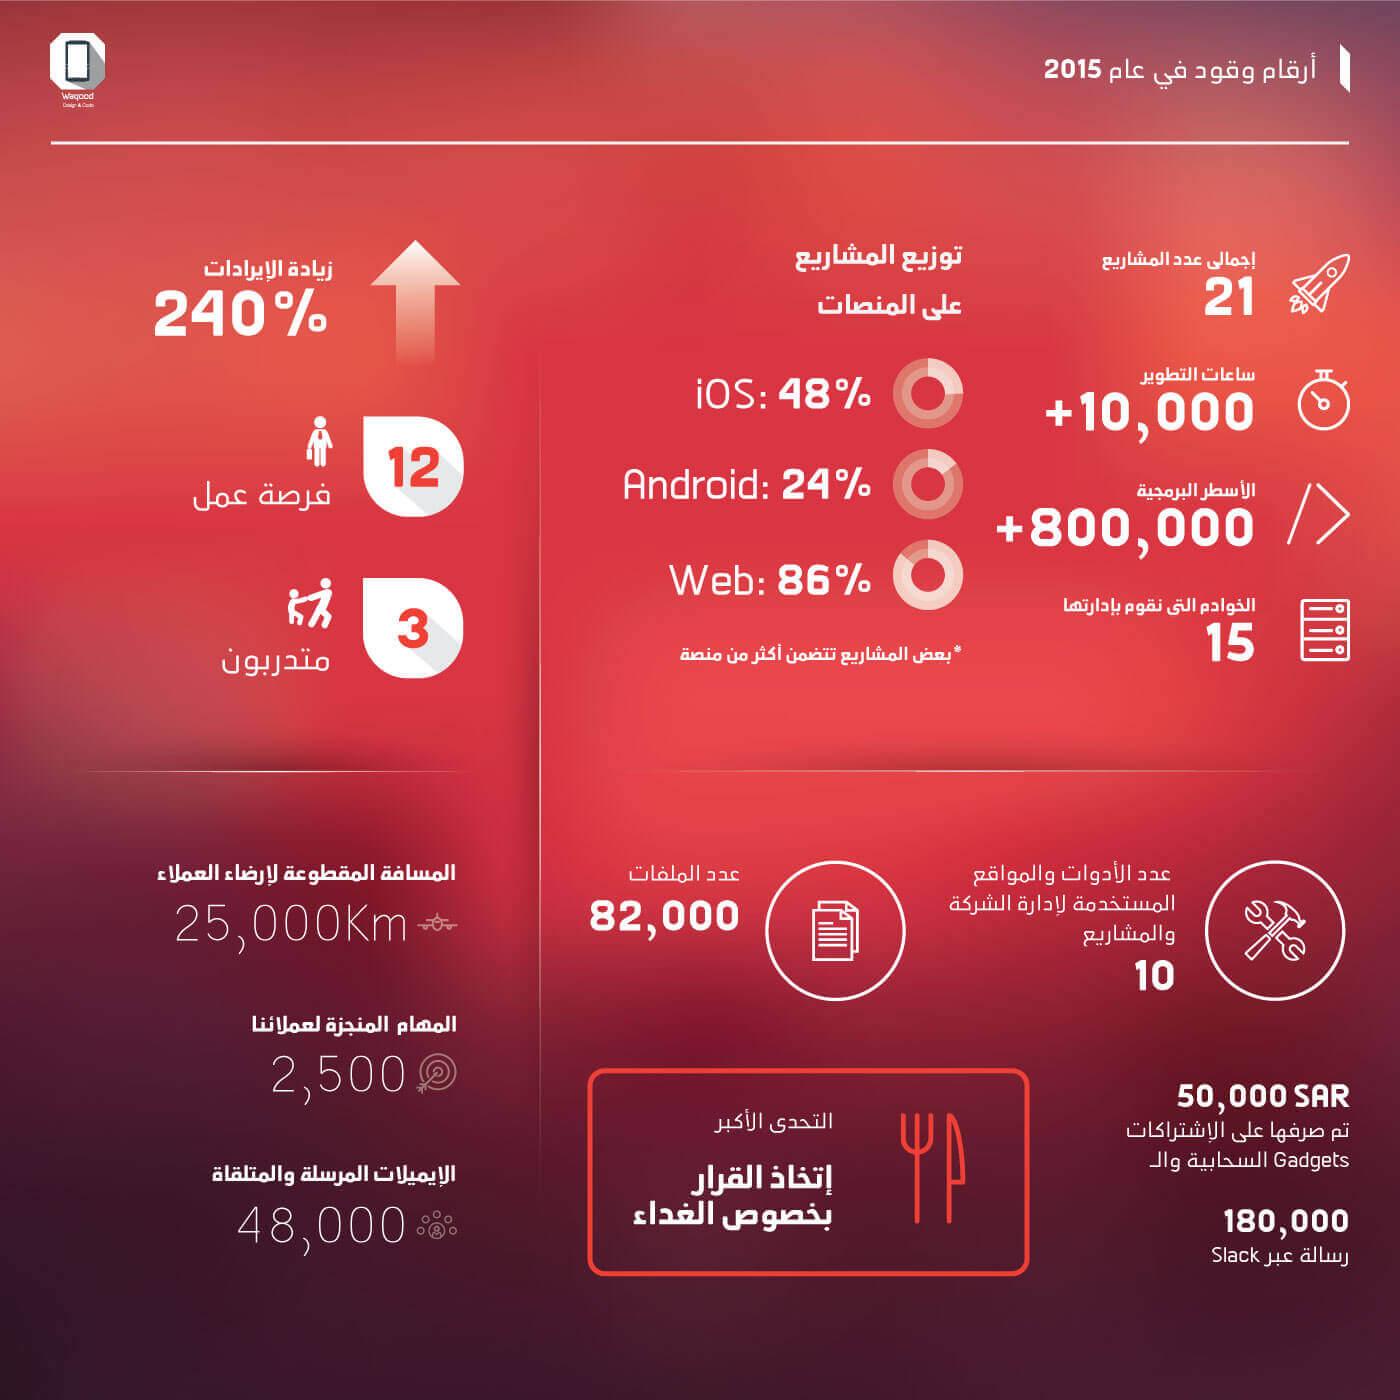 2015 figures